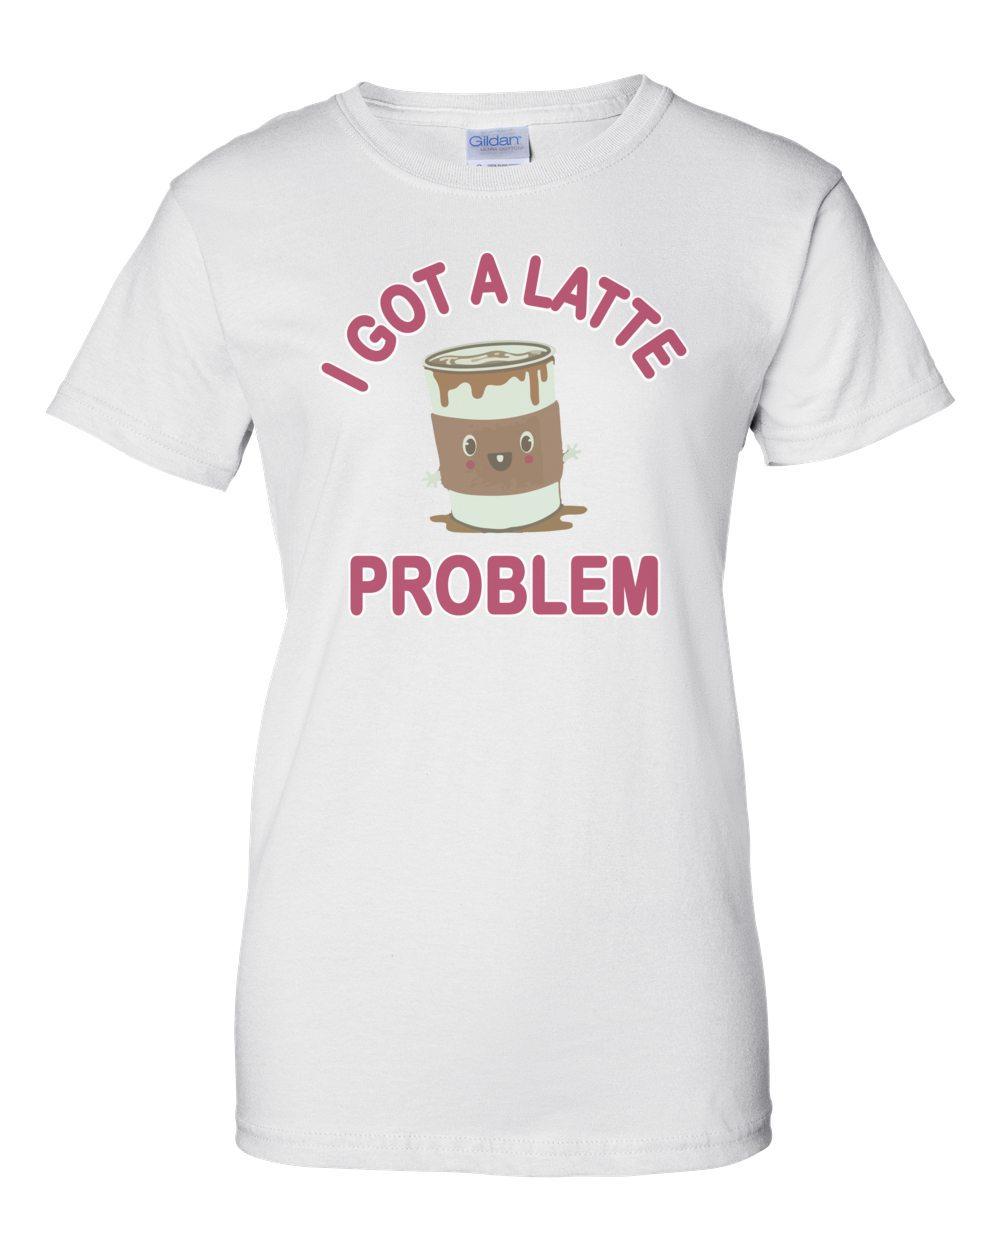 0d2a3b450 I Got A Latte Problem - Funny Cute T-Shirt shirt